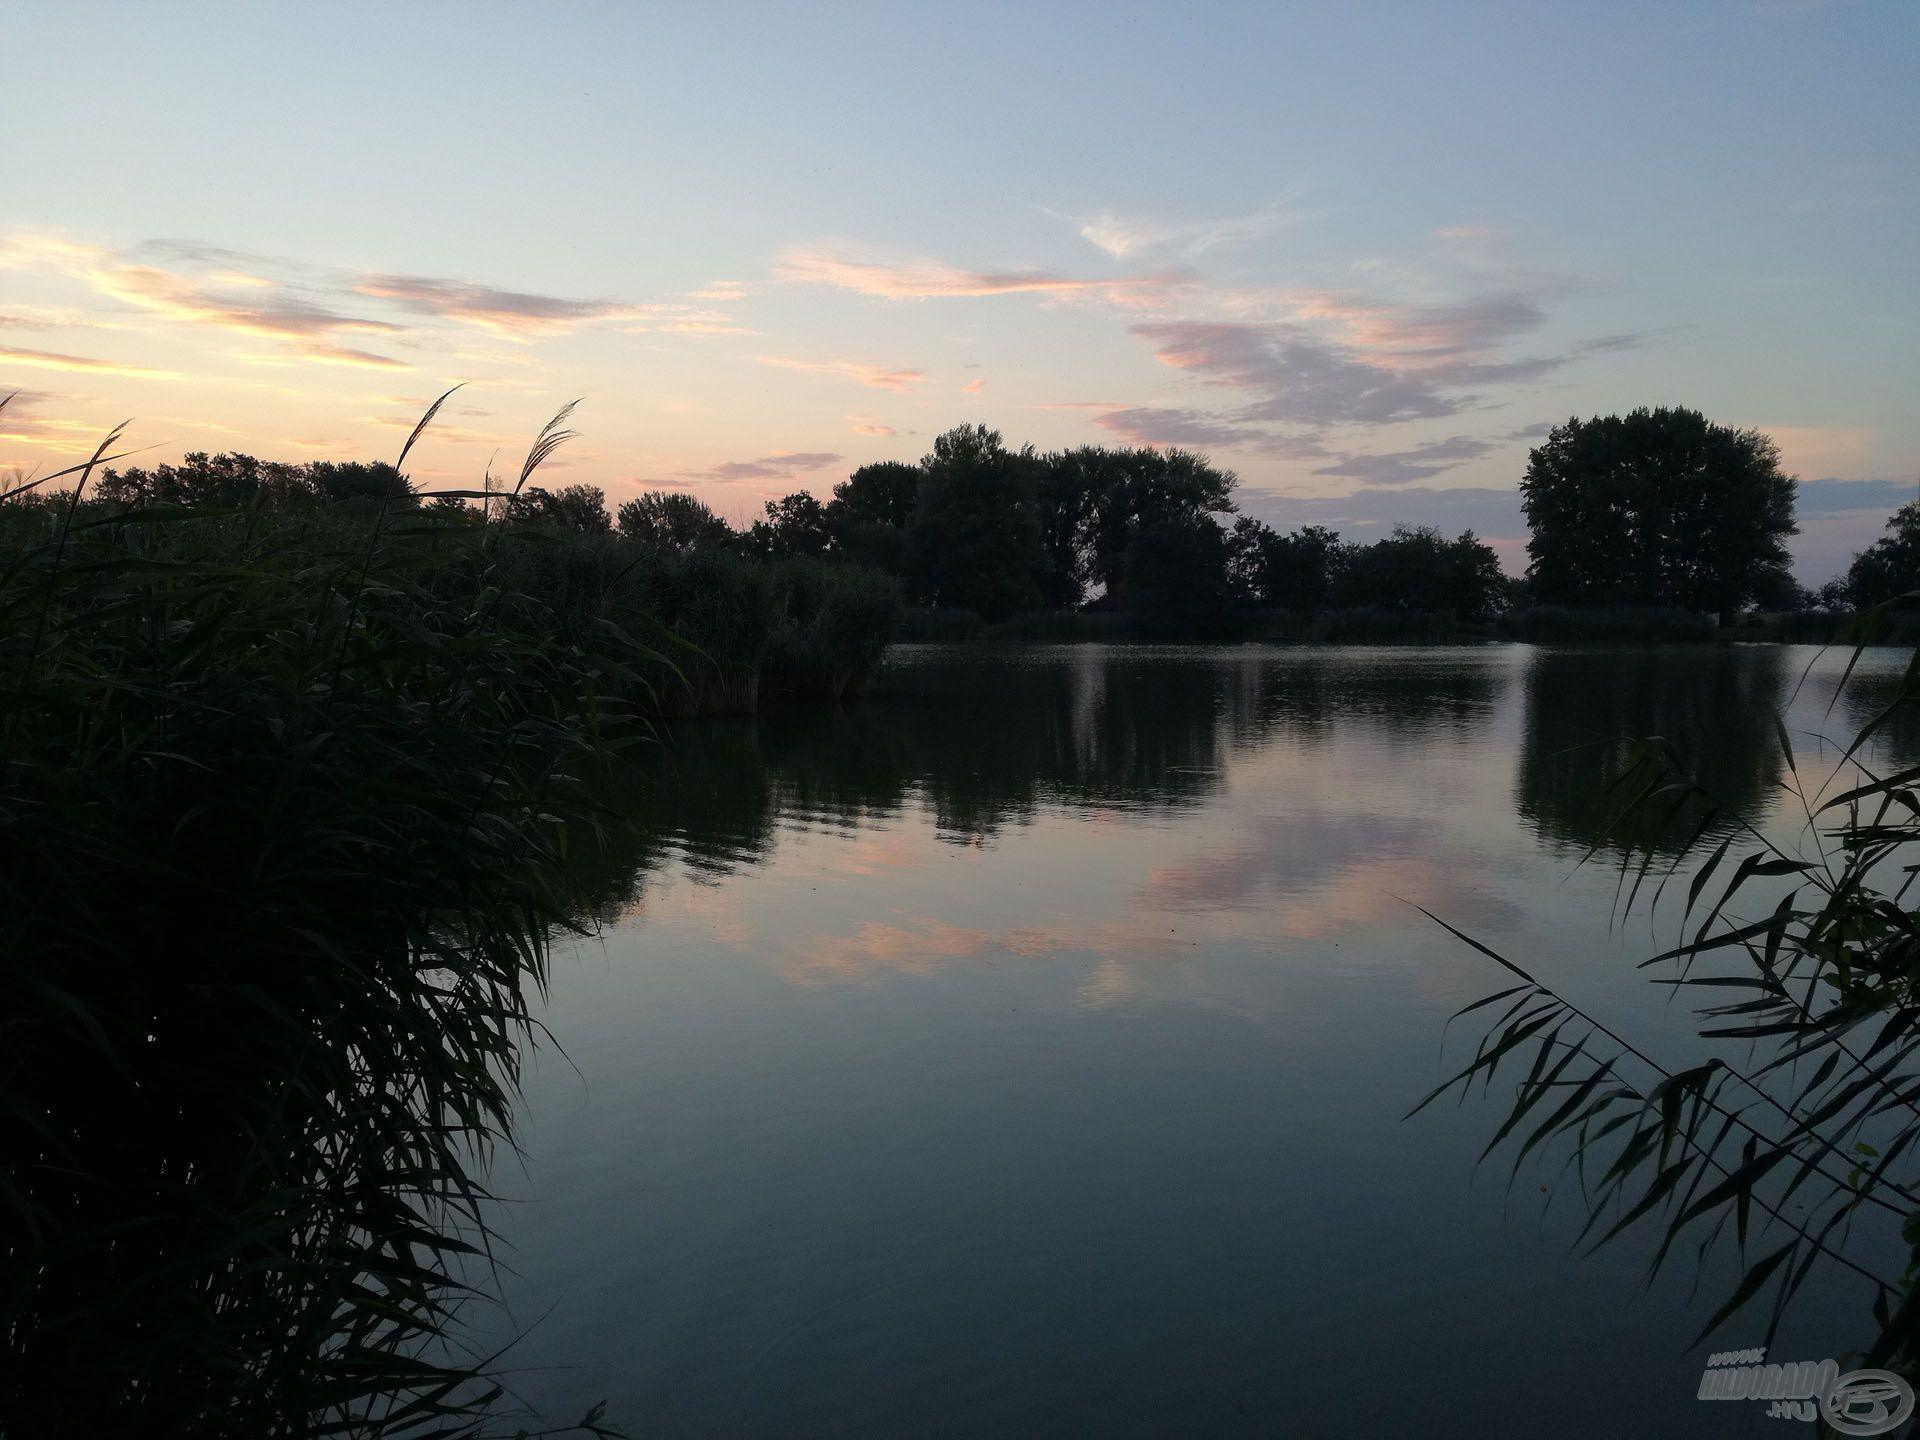 A tó közepe felé benyúló nádas